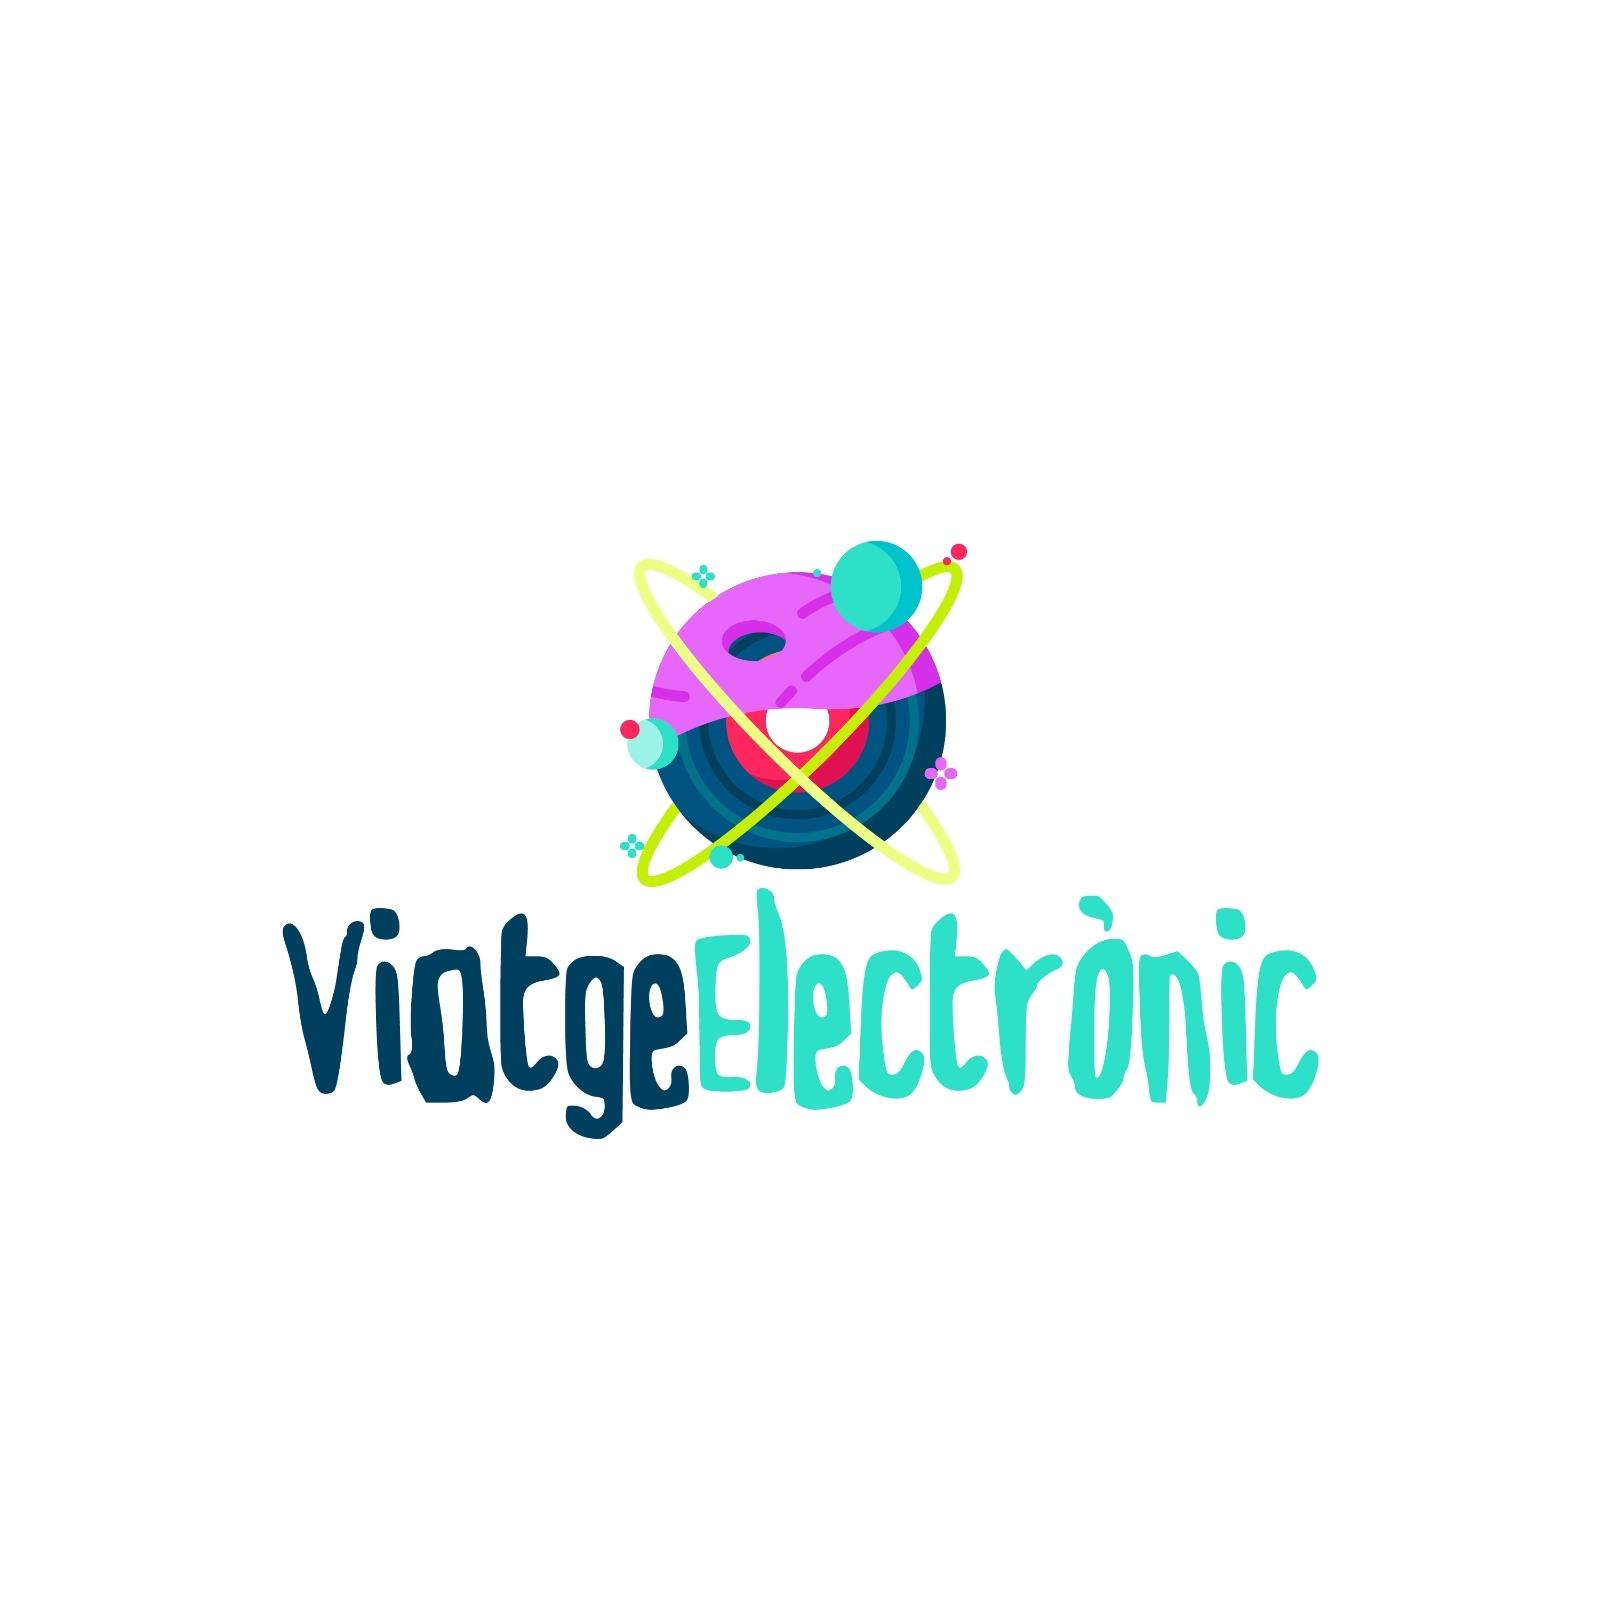 Viatge Electrònic